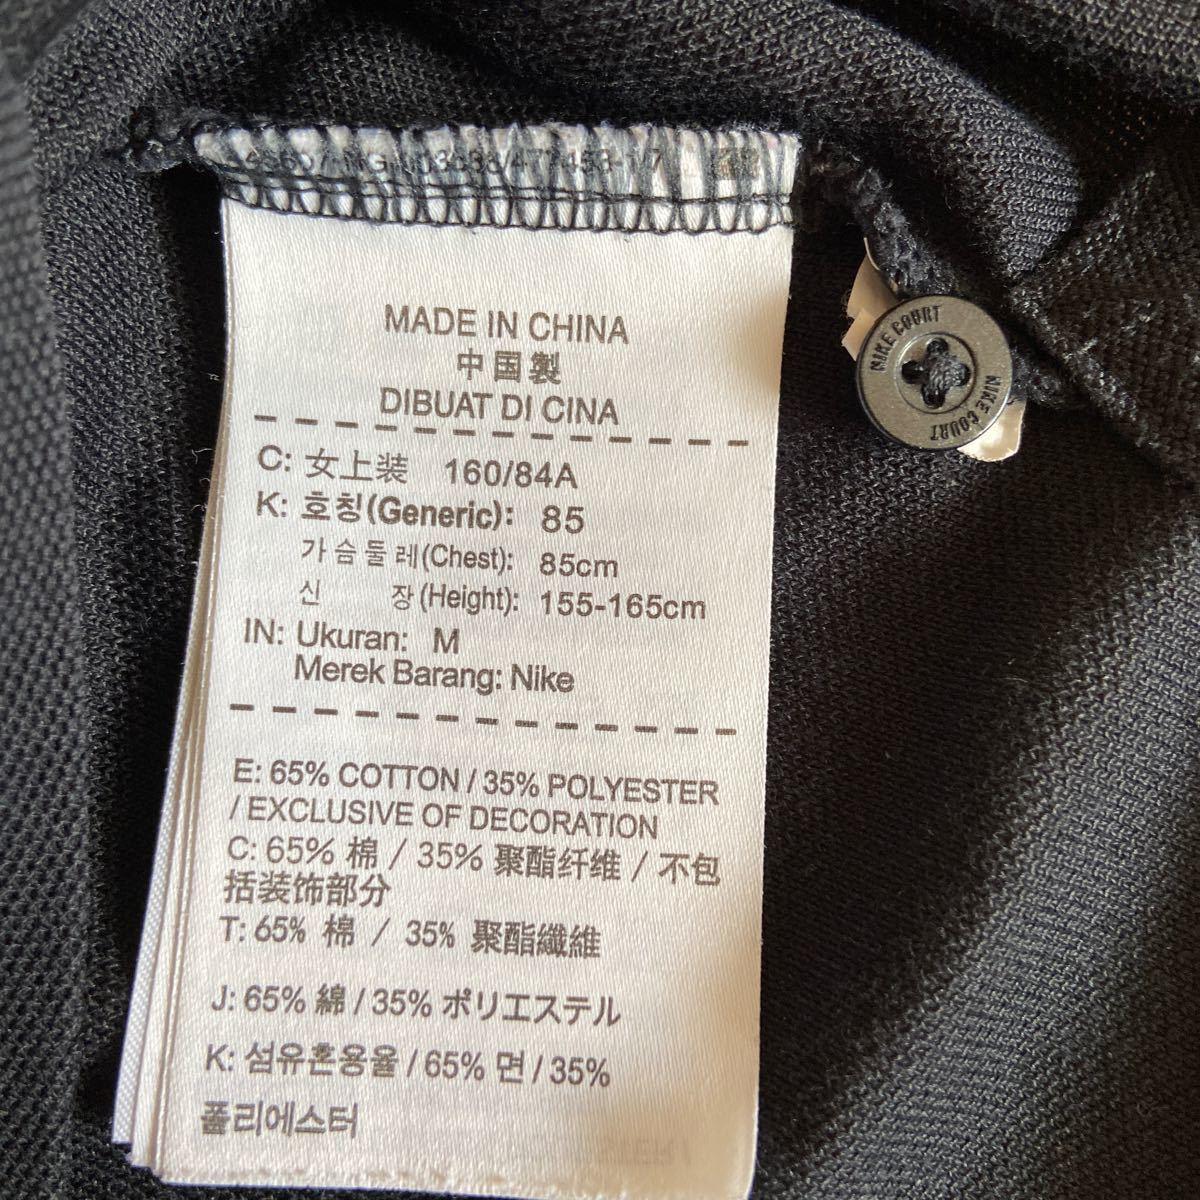 NIKE ナイキ DRI-FIT レディースM トレーニング スポーツウエア ポロシャツ ドライフィット 夏物再お値引き中